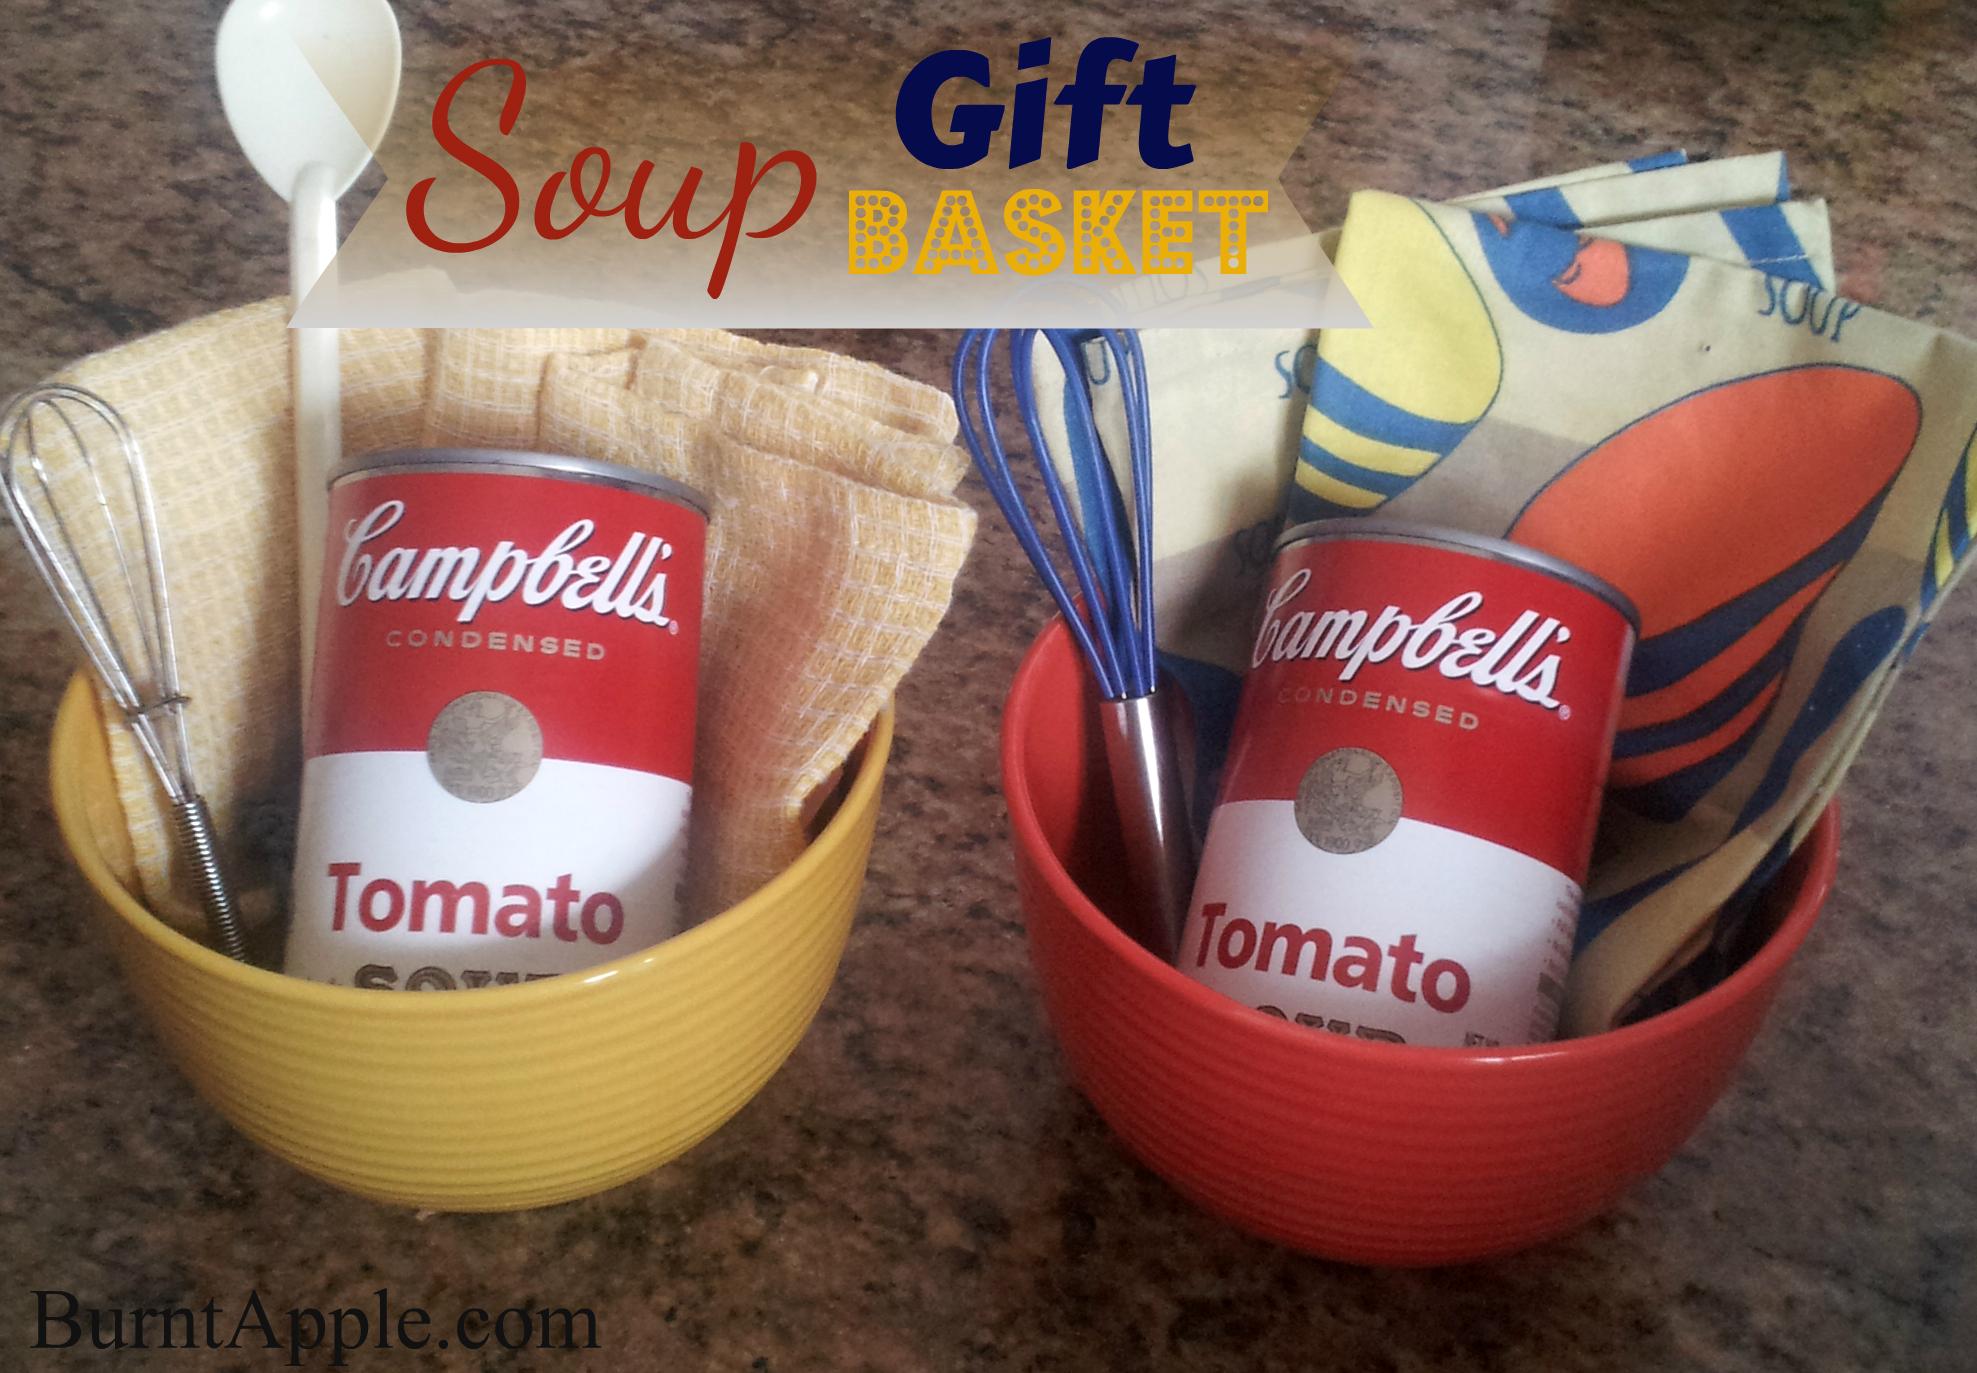 soup gift basket - burnt apple